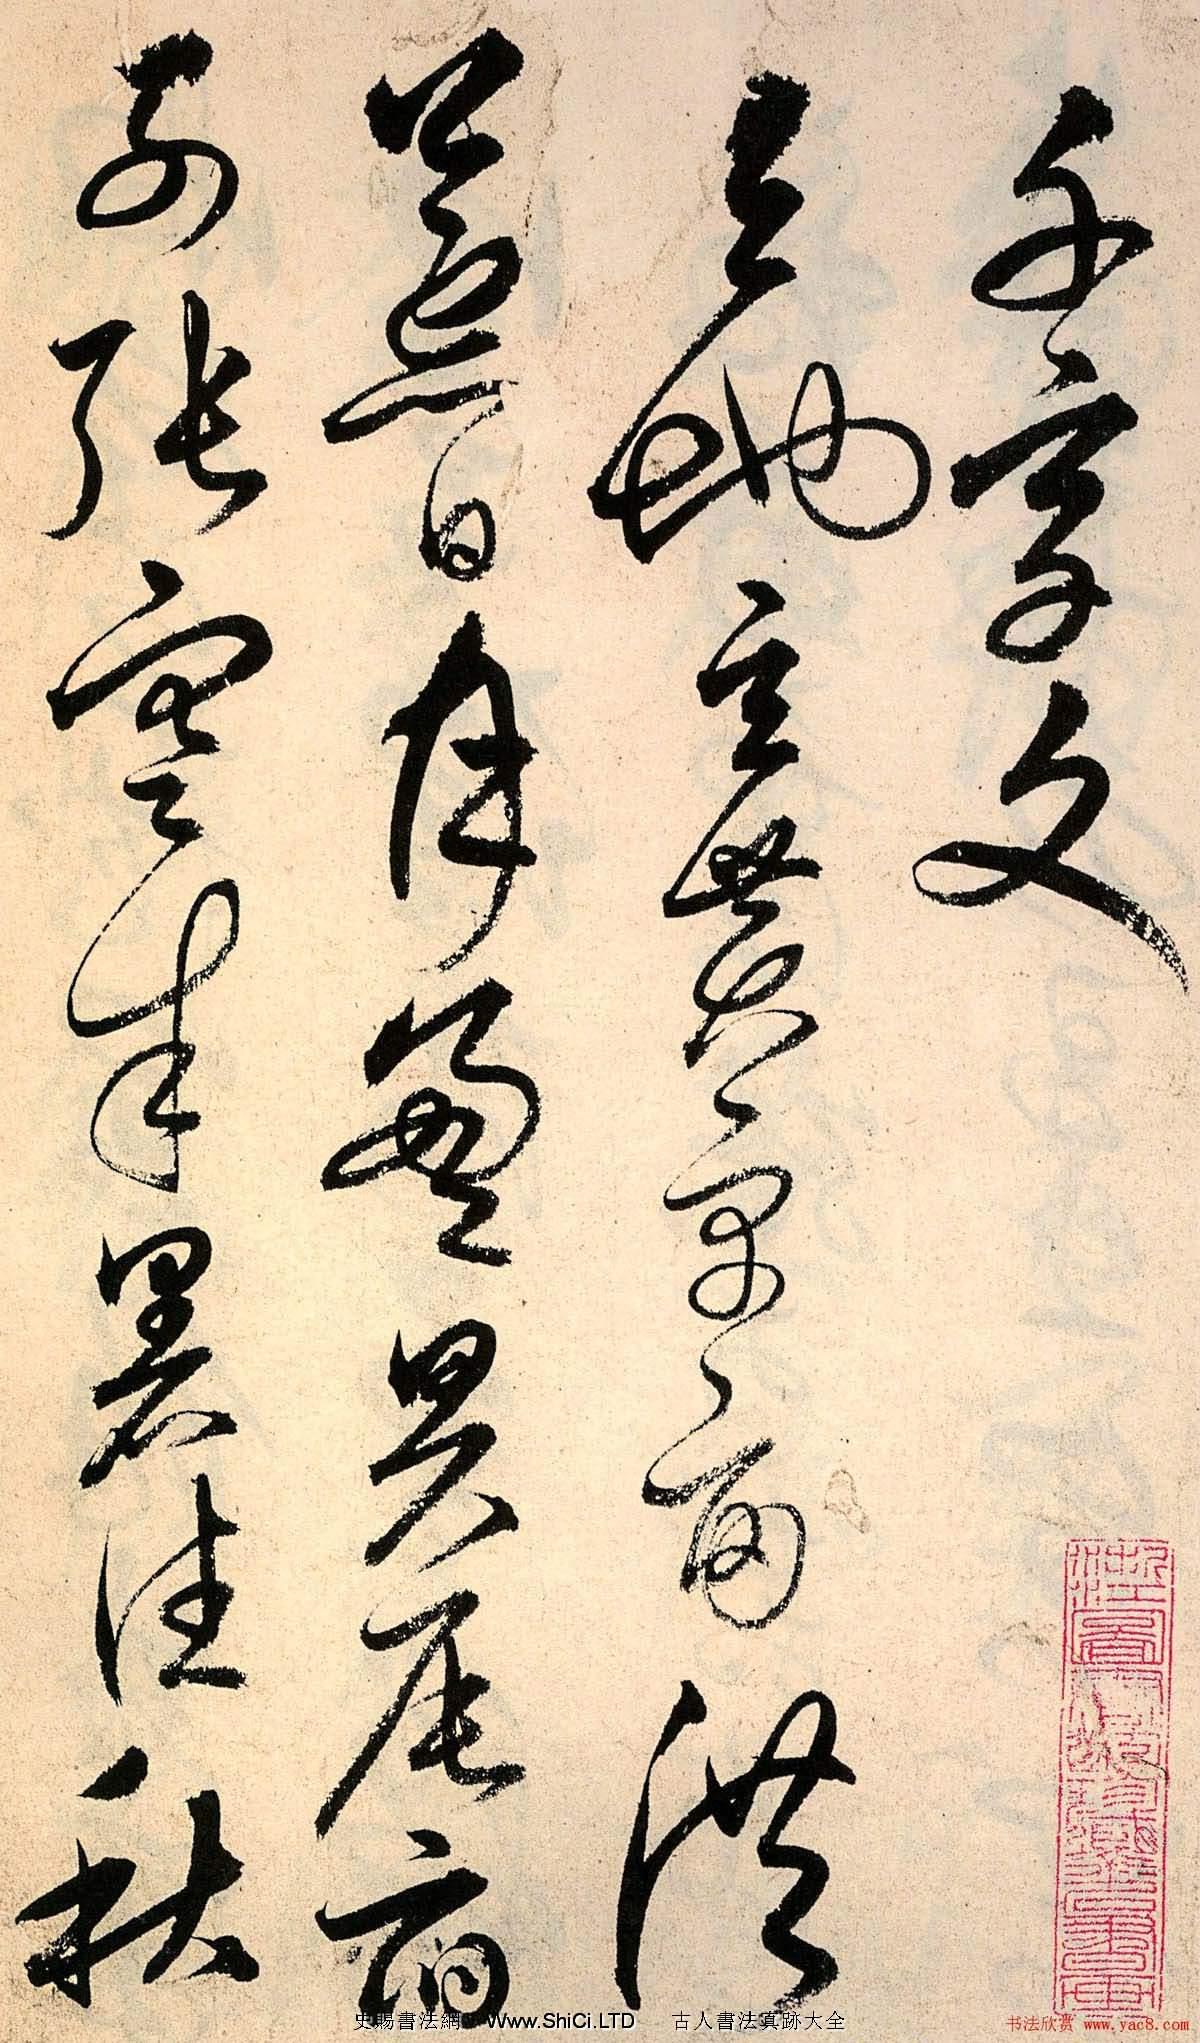 解縉草書真跡欣賞《千字文》(大圖)(共42張圖片)